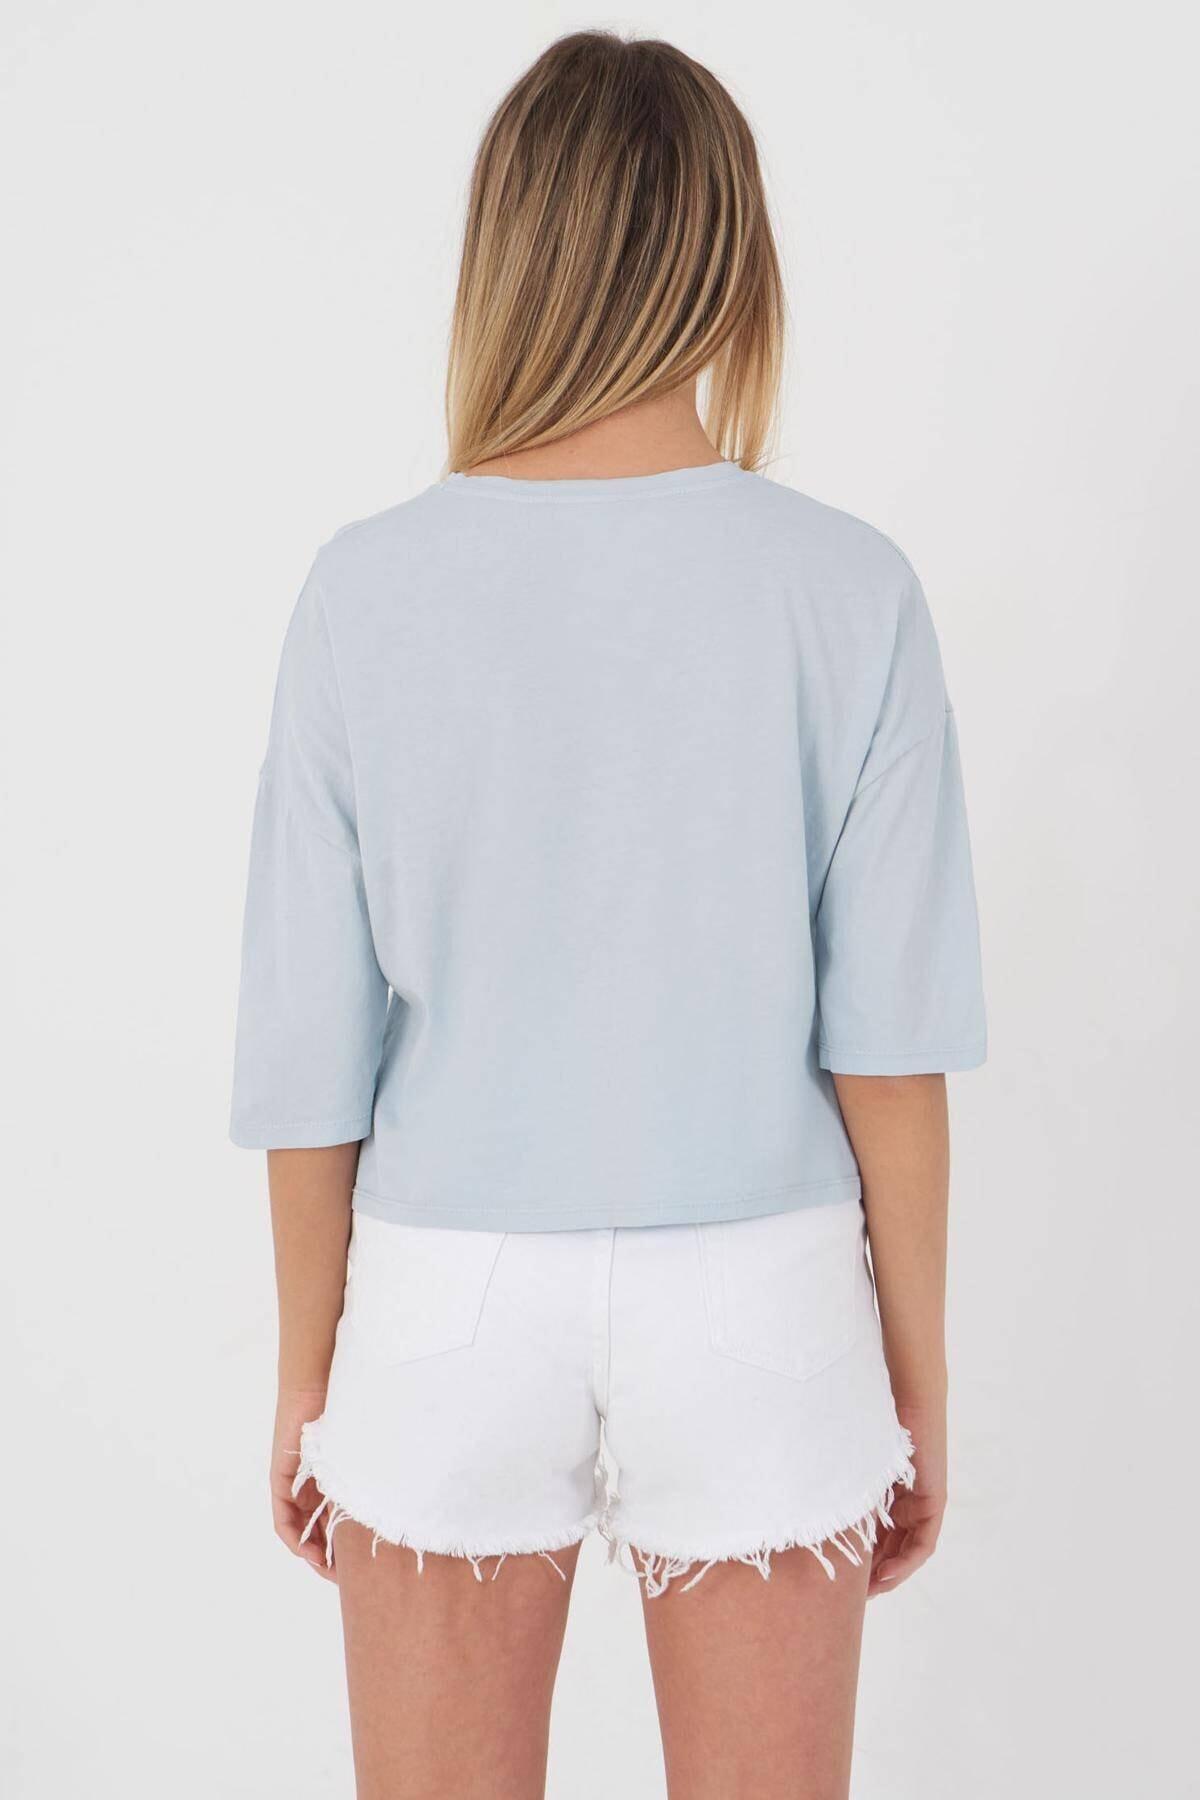 Addax Kadın Buz Mavi Önden Bağlamalı Basic T-Shirt P9306 - K3 Adx-0000018961